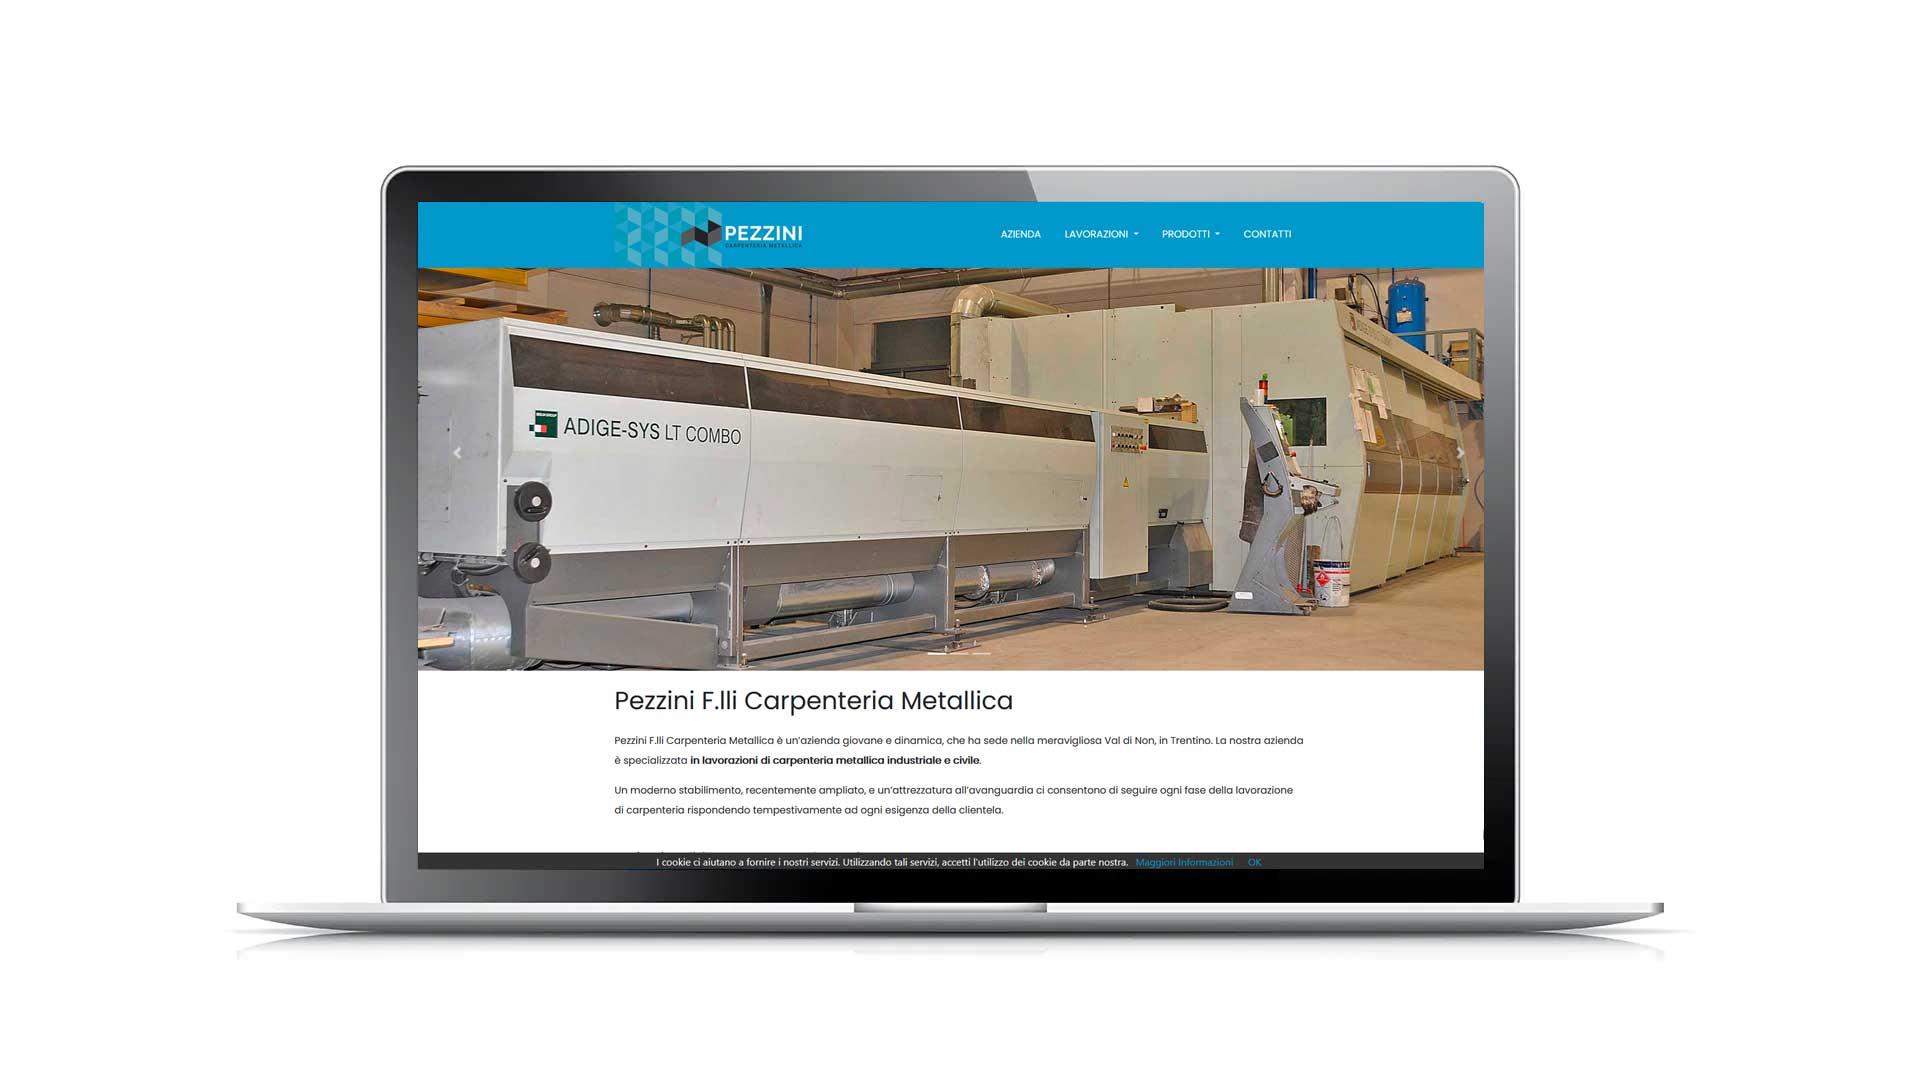 Sito web professionale - Pezzini F.lli Carpenteria Meccanica